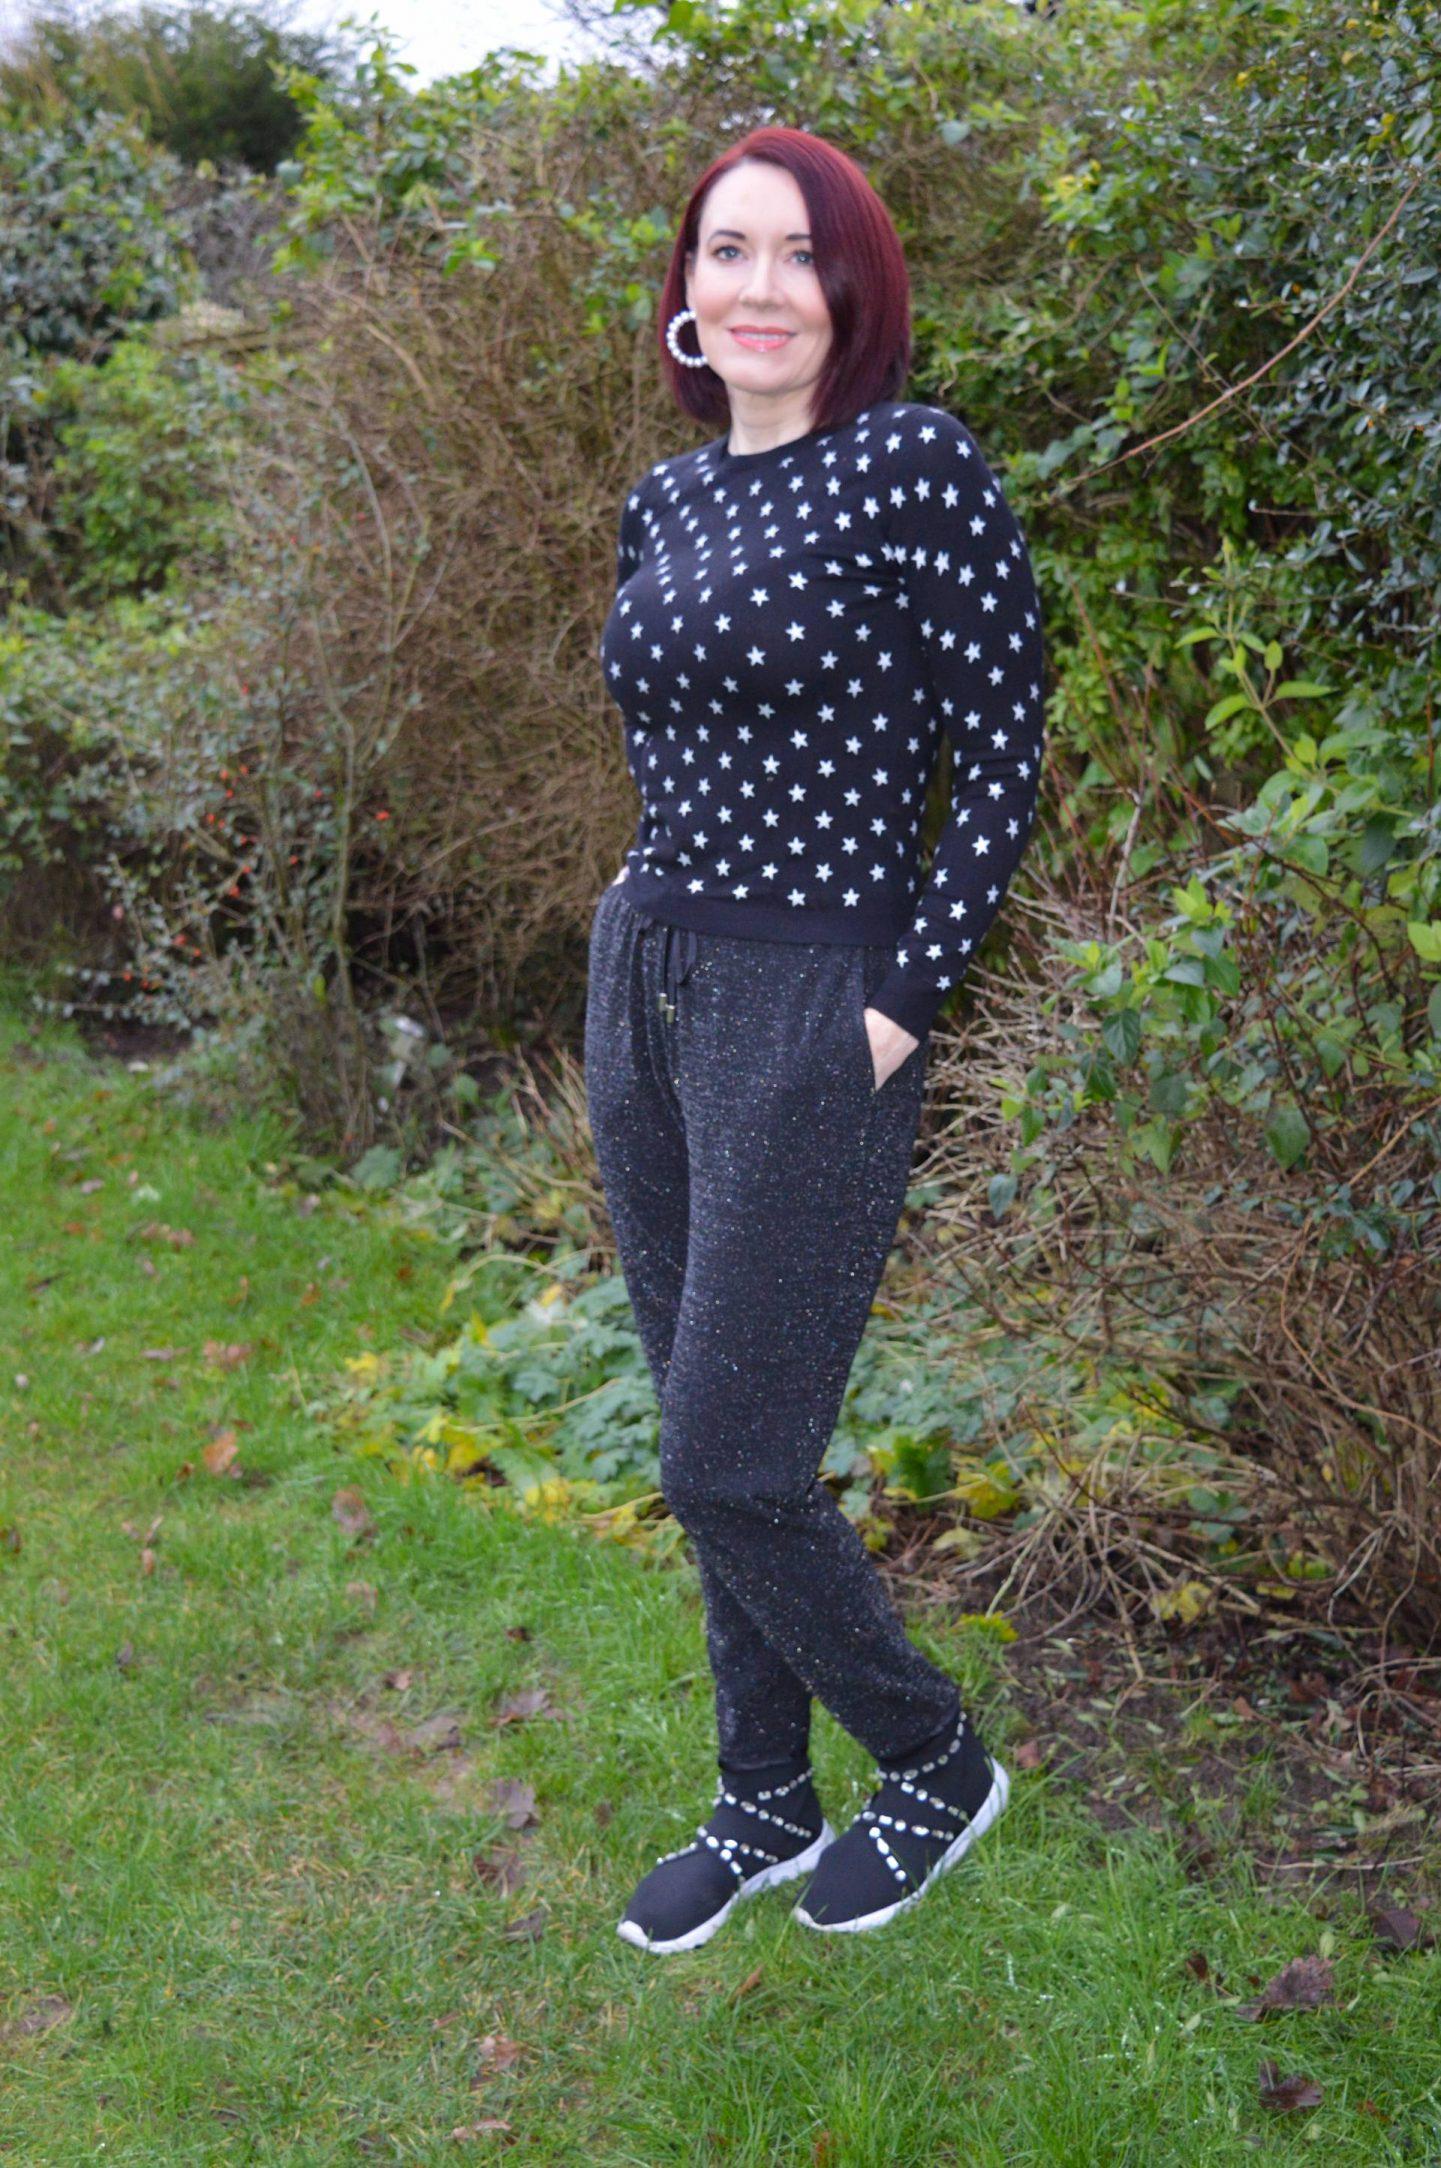 George at Asda black sparkly joggers, Marks & Spencer star print jumper, Asos black embellished sock trainers